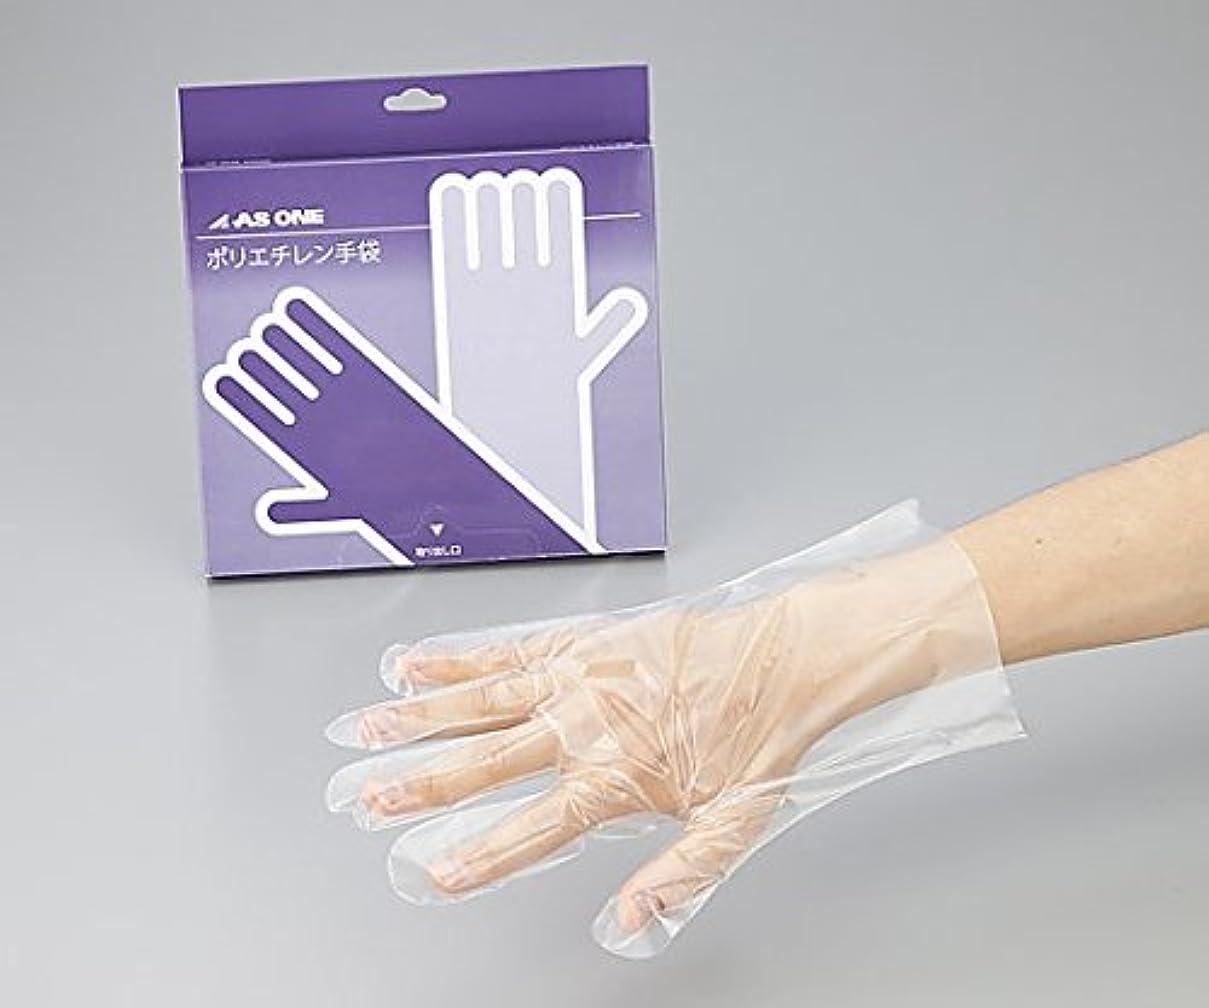 アズワン2-4977-02ポリエチレン手袋ヘビー厚手エンボス付M100枚入